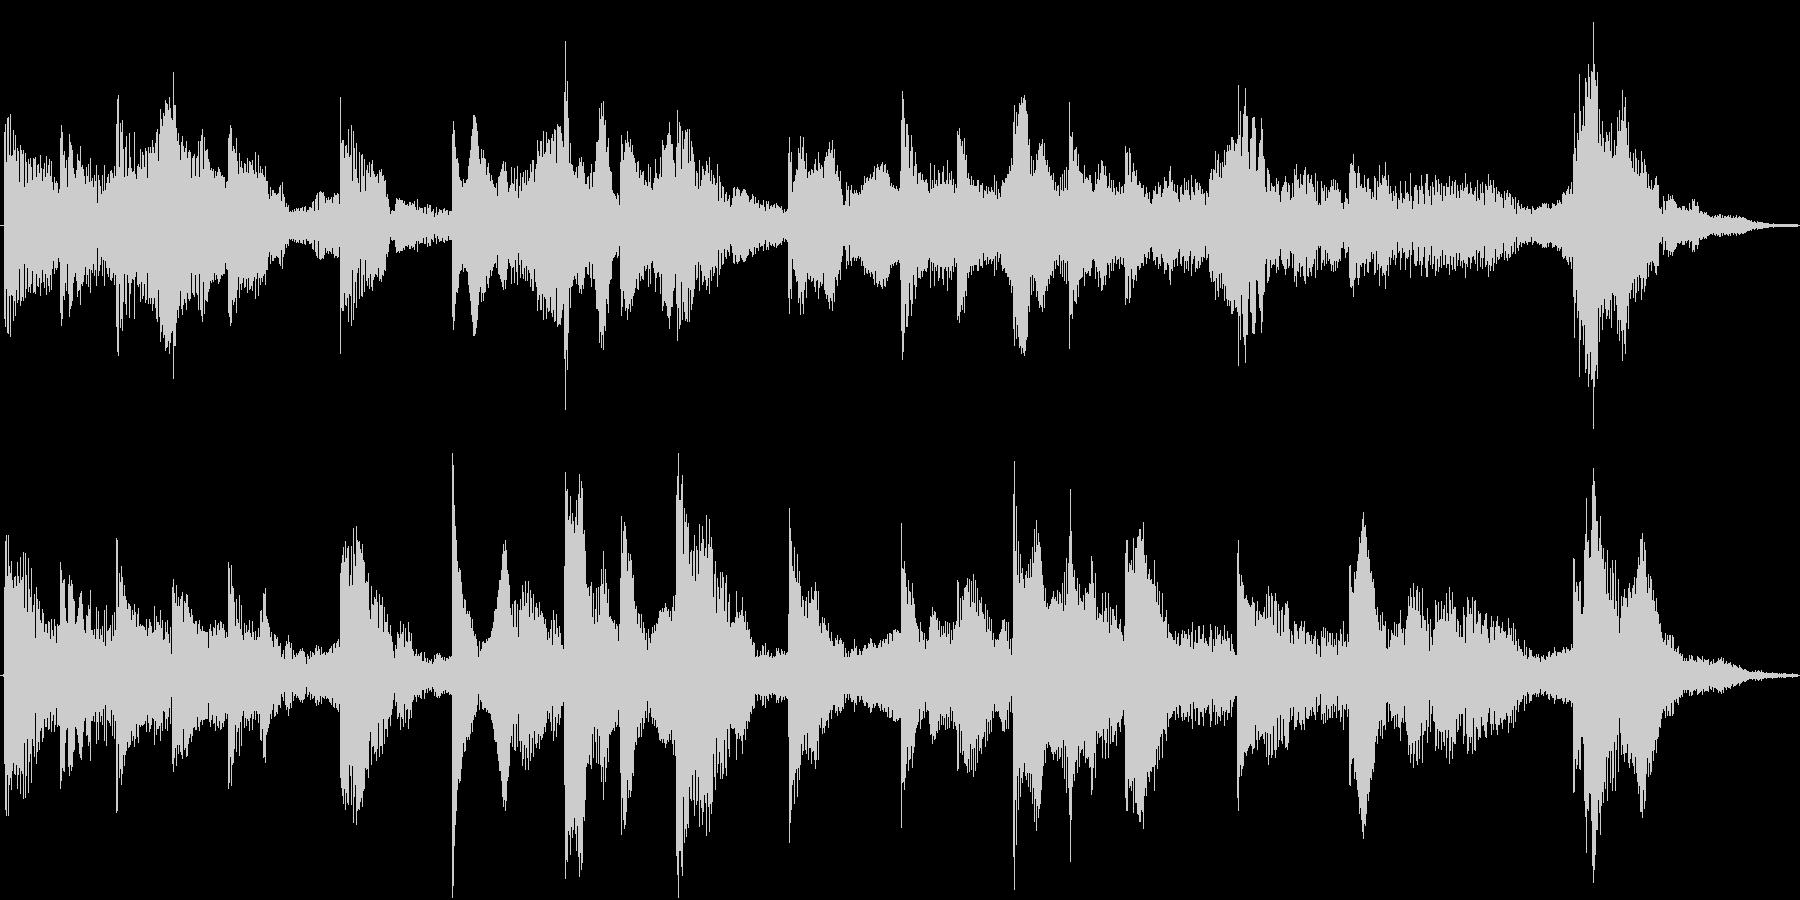 電車の発車メロディ(発着音)001の未再生の波形